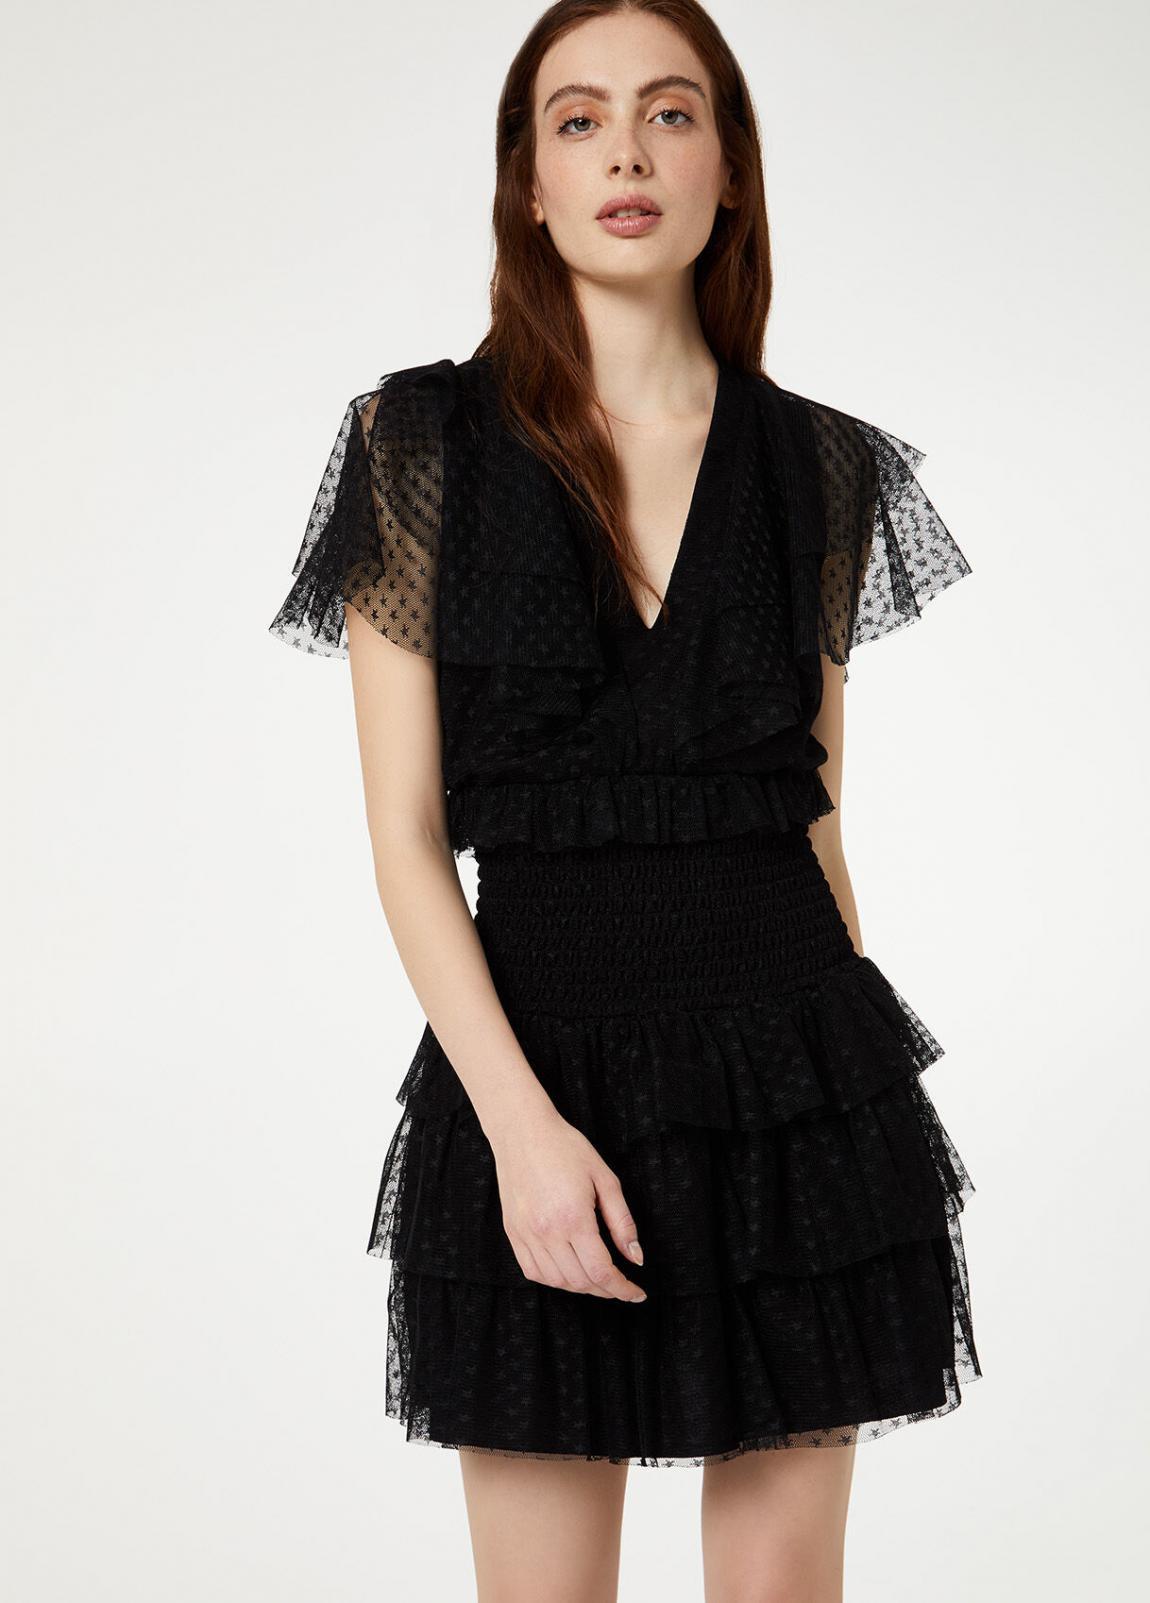 Kleider — Liu Jo Auslauf Zum Herren  Damen — Pax Domini